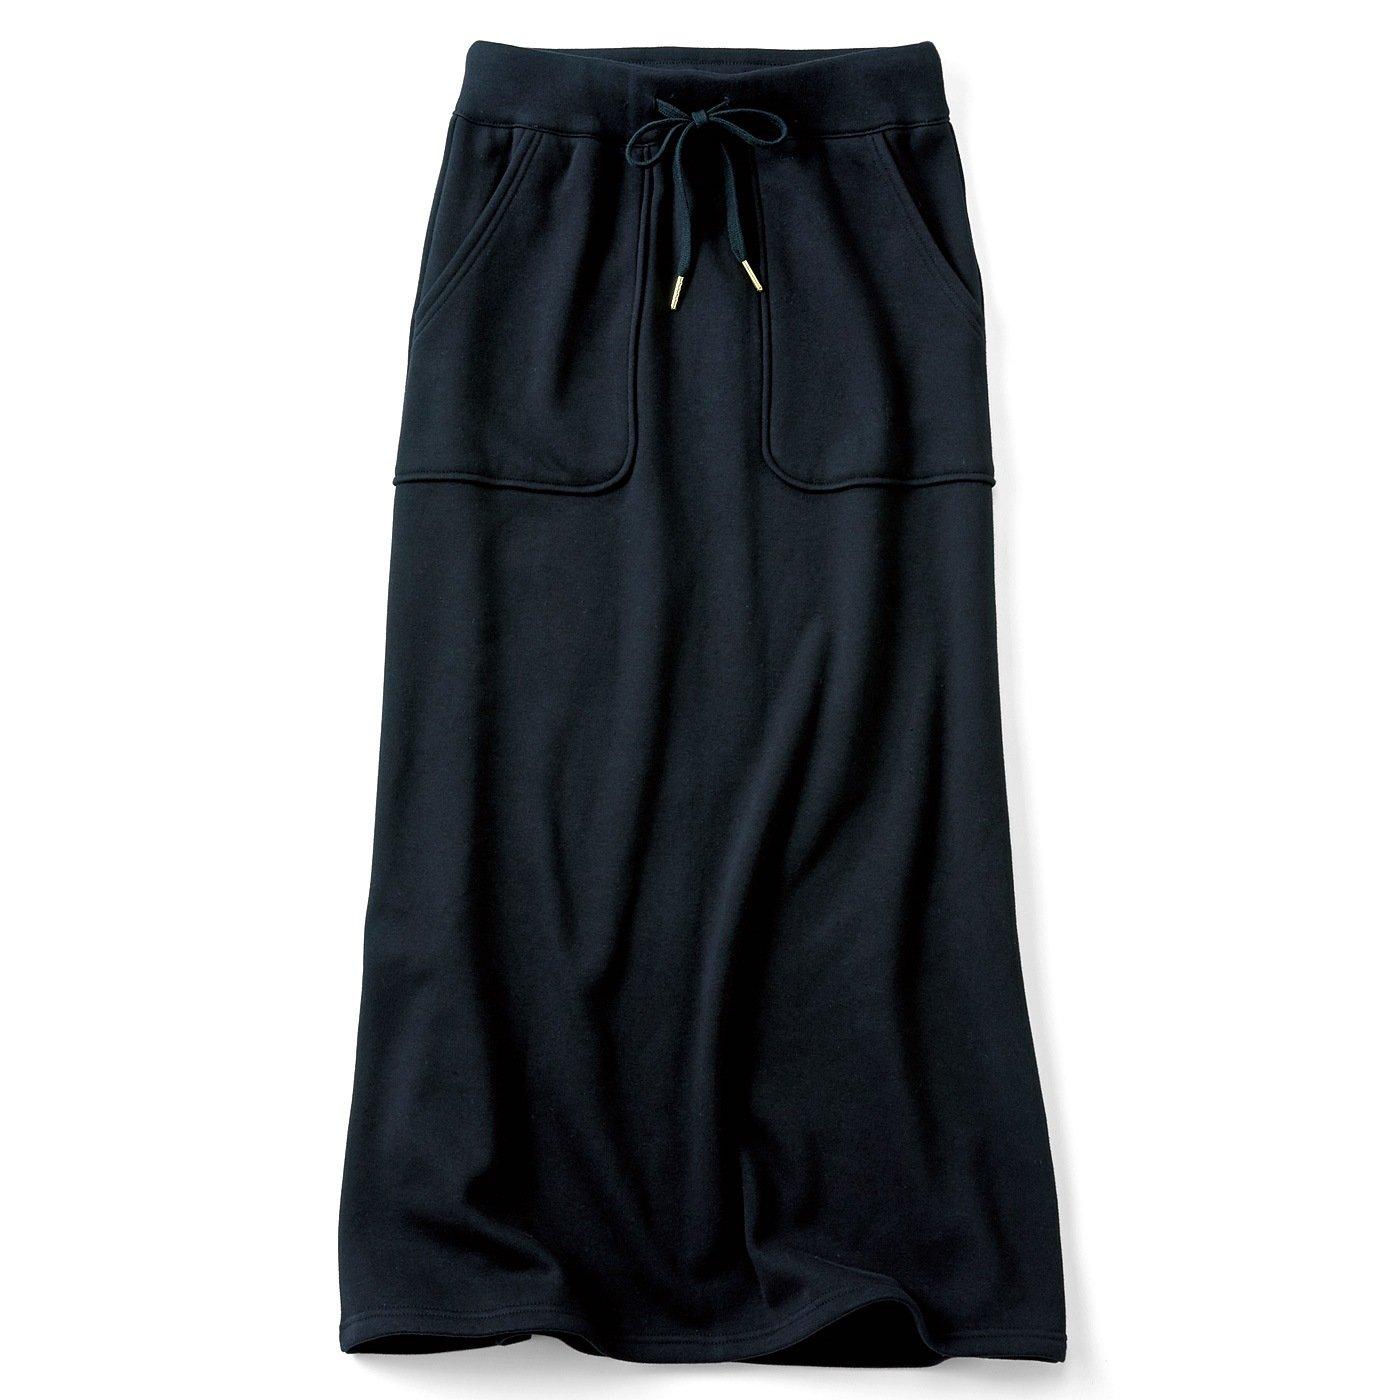 リブ イン コンフォート すっきり見えシルエットなのに伸びやか 裏シャギーの激ぬくロングスカート〈ブラック〉